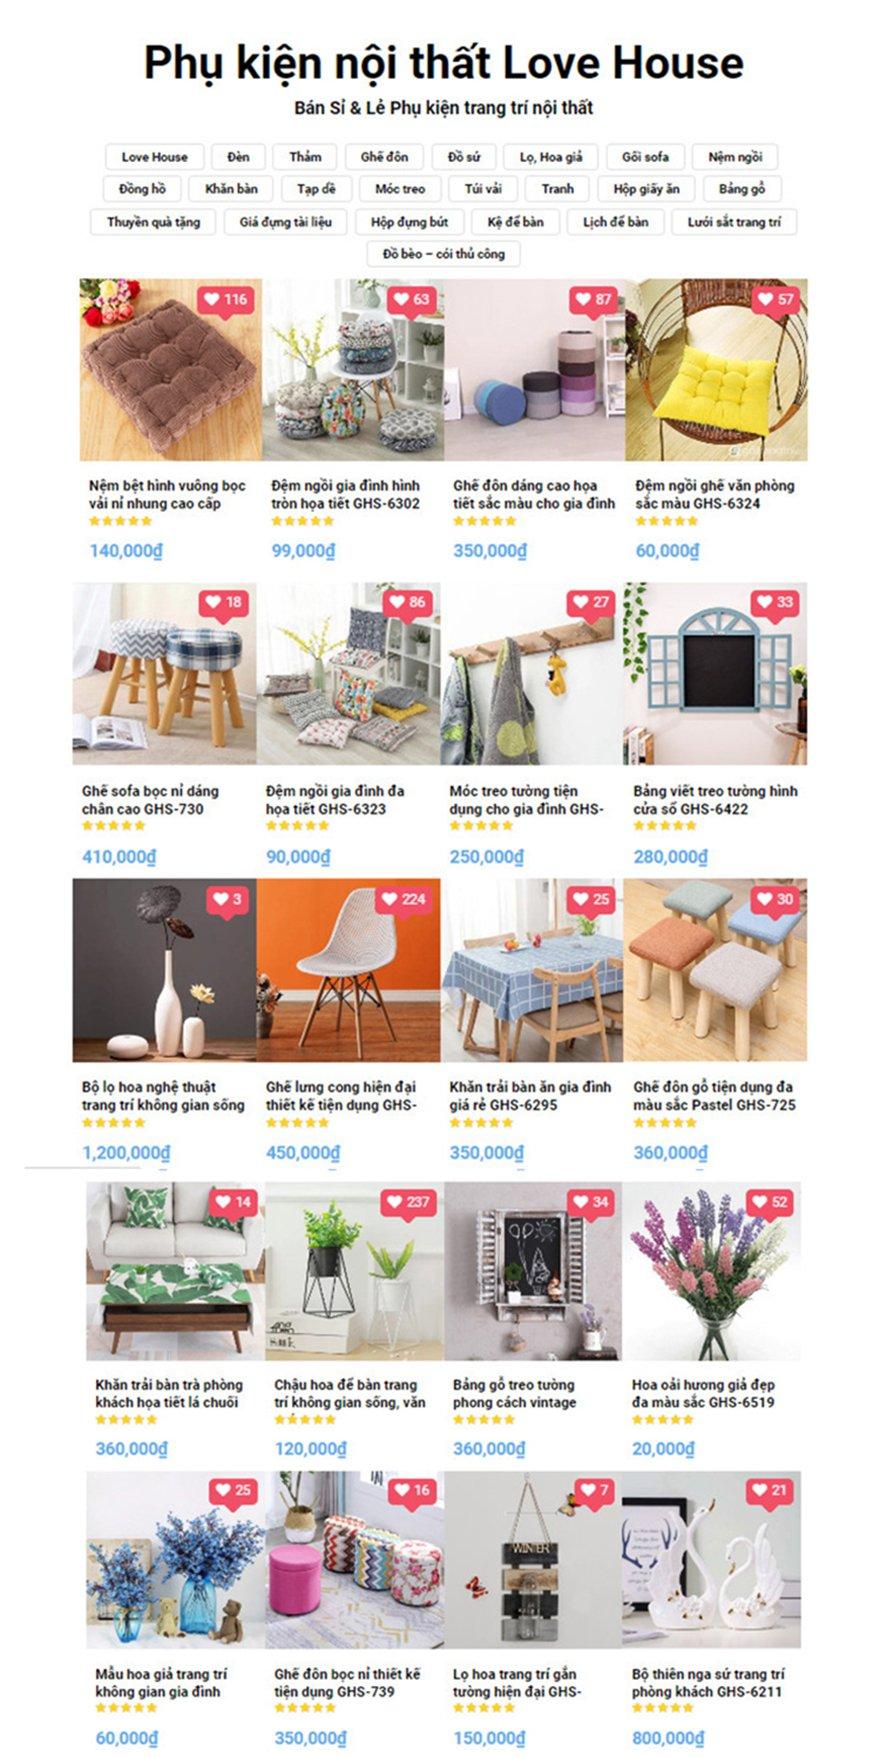 Đồ decor giá rẻ cho không gian thêm ấn tượng